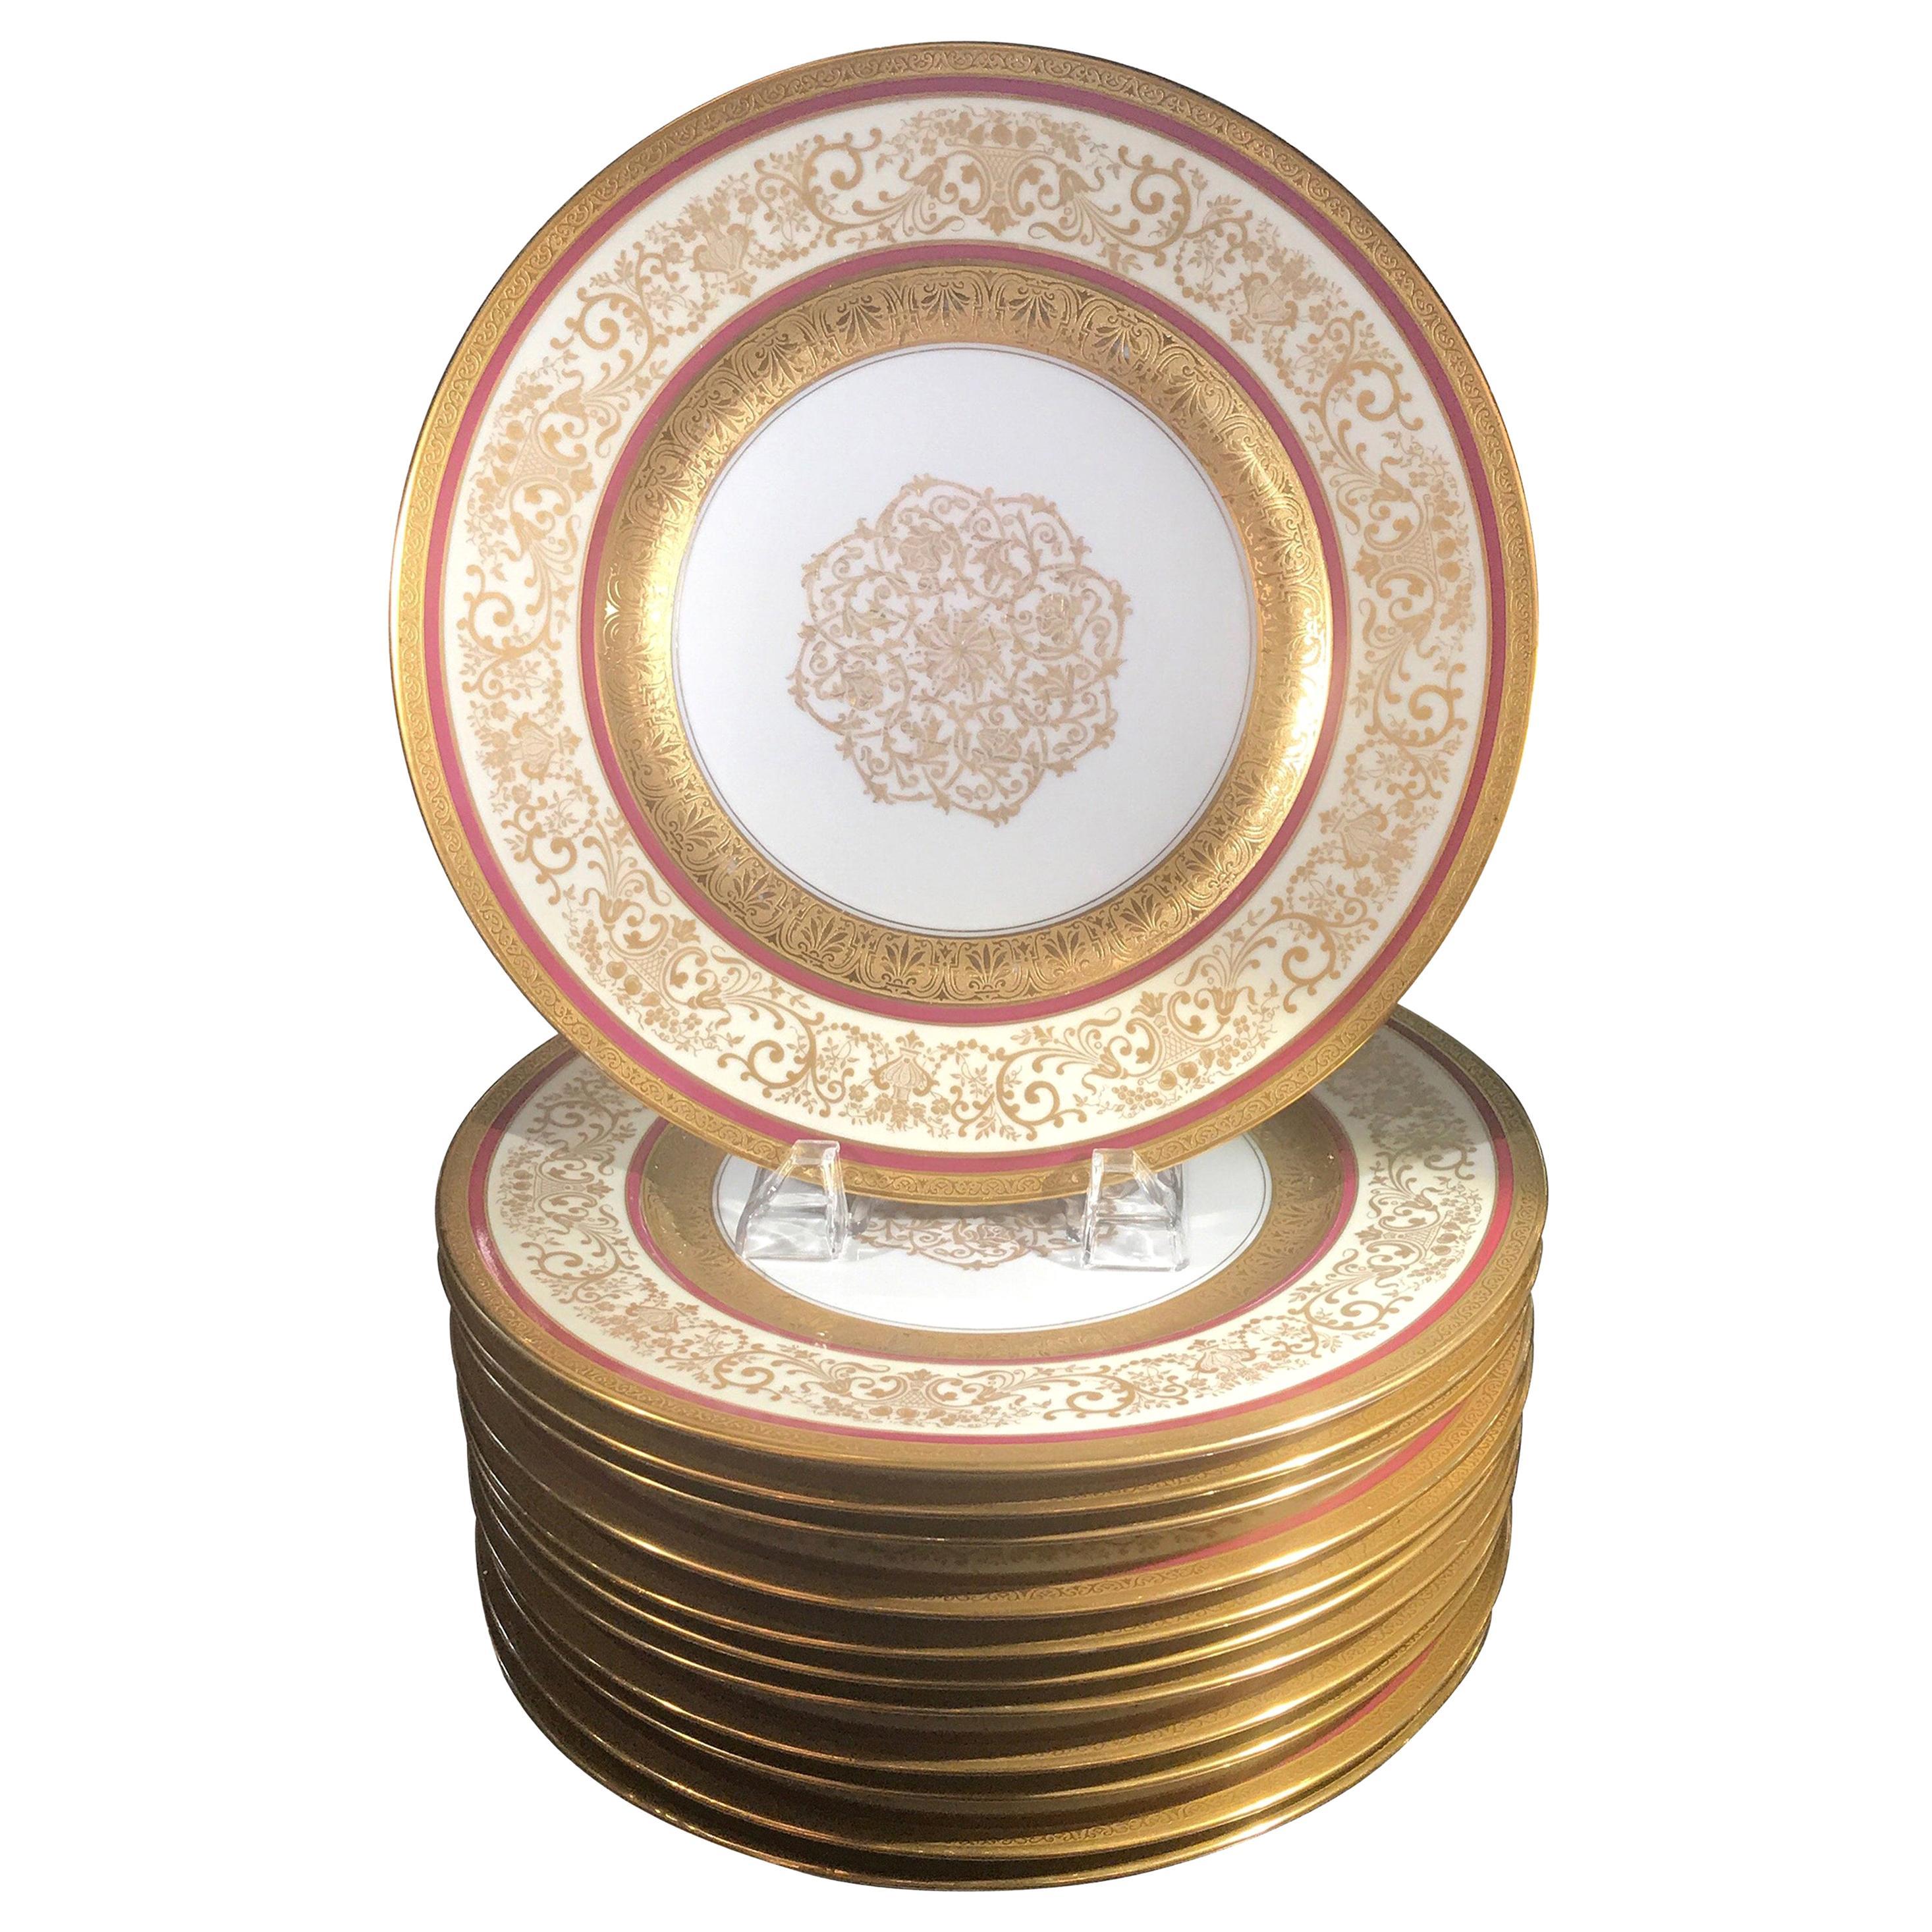 Opulent Set of 12 Gold Encrusted Service Dinner Plates